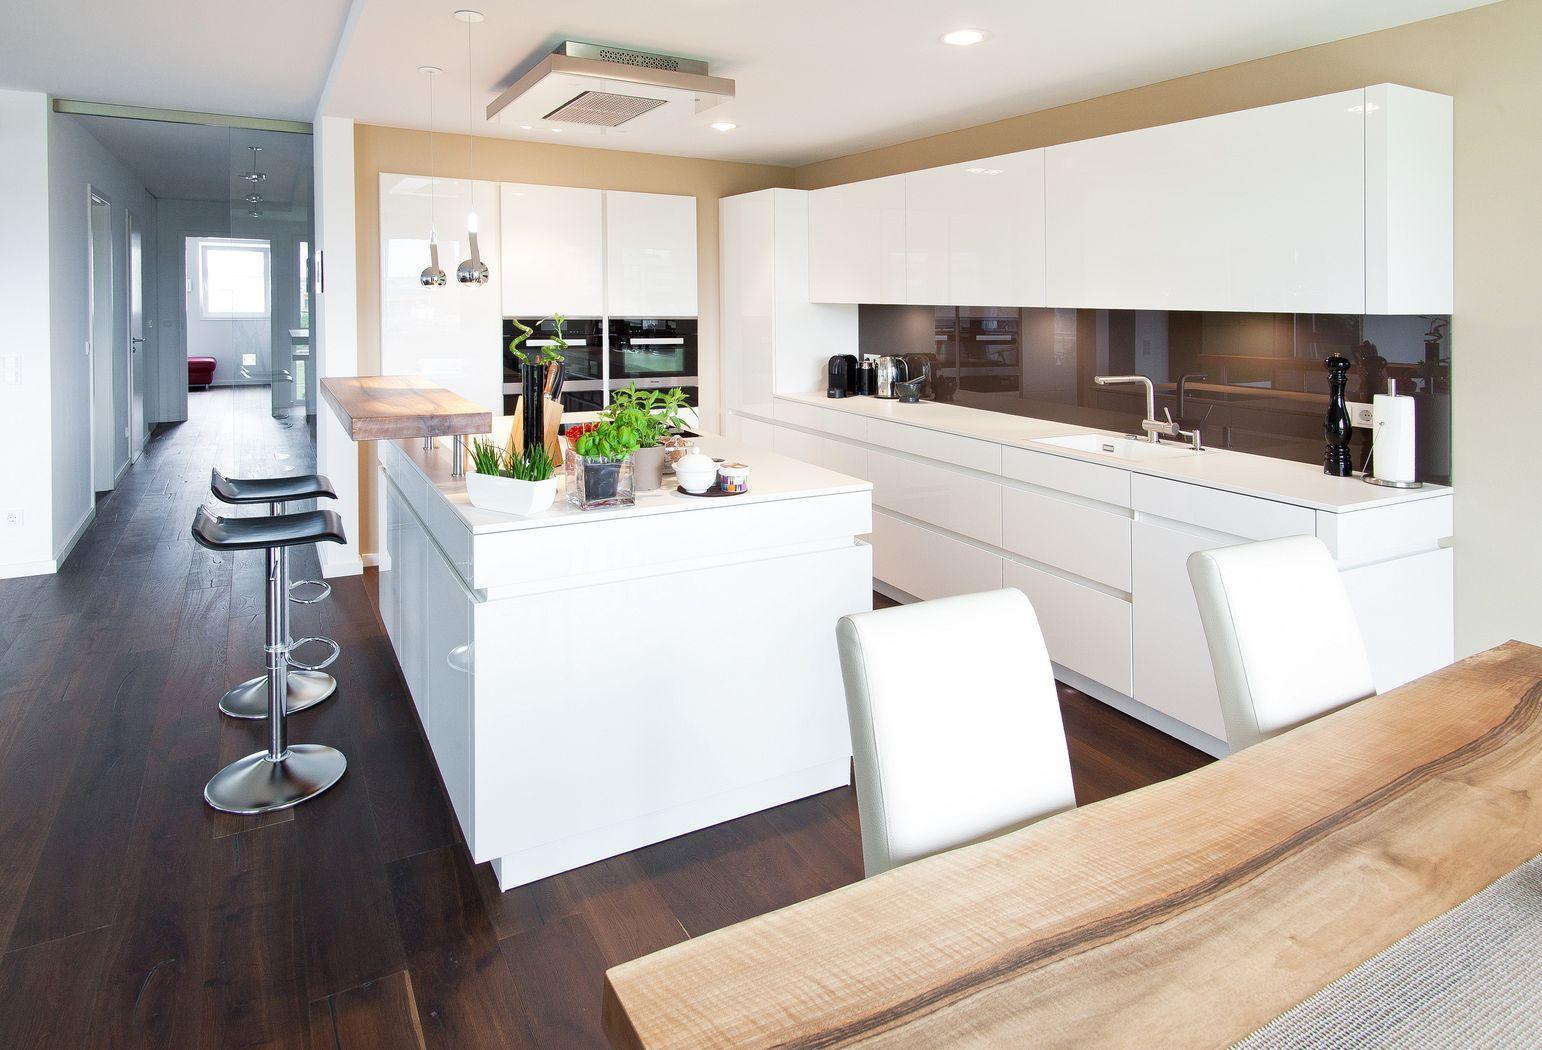 Bildergebnis für küche mit kochinsel | Wohnzimmer, Küche | Pinterest ...